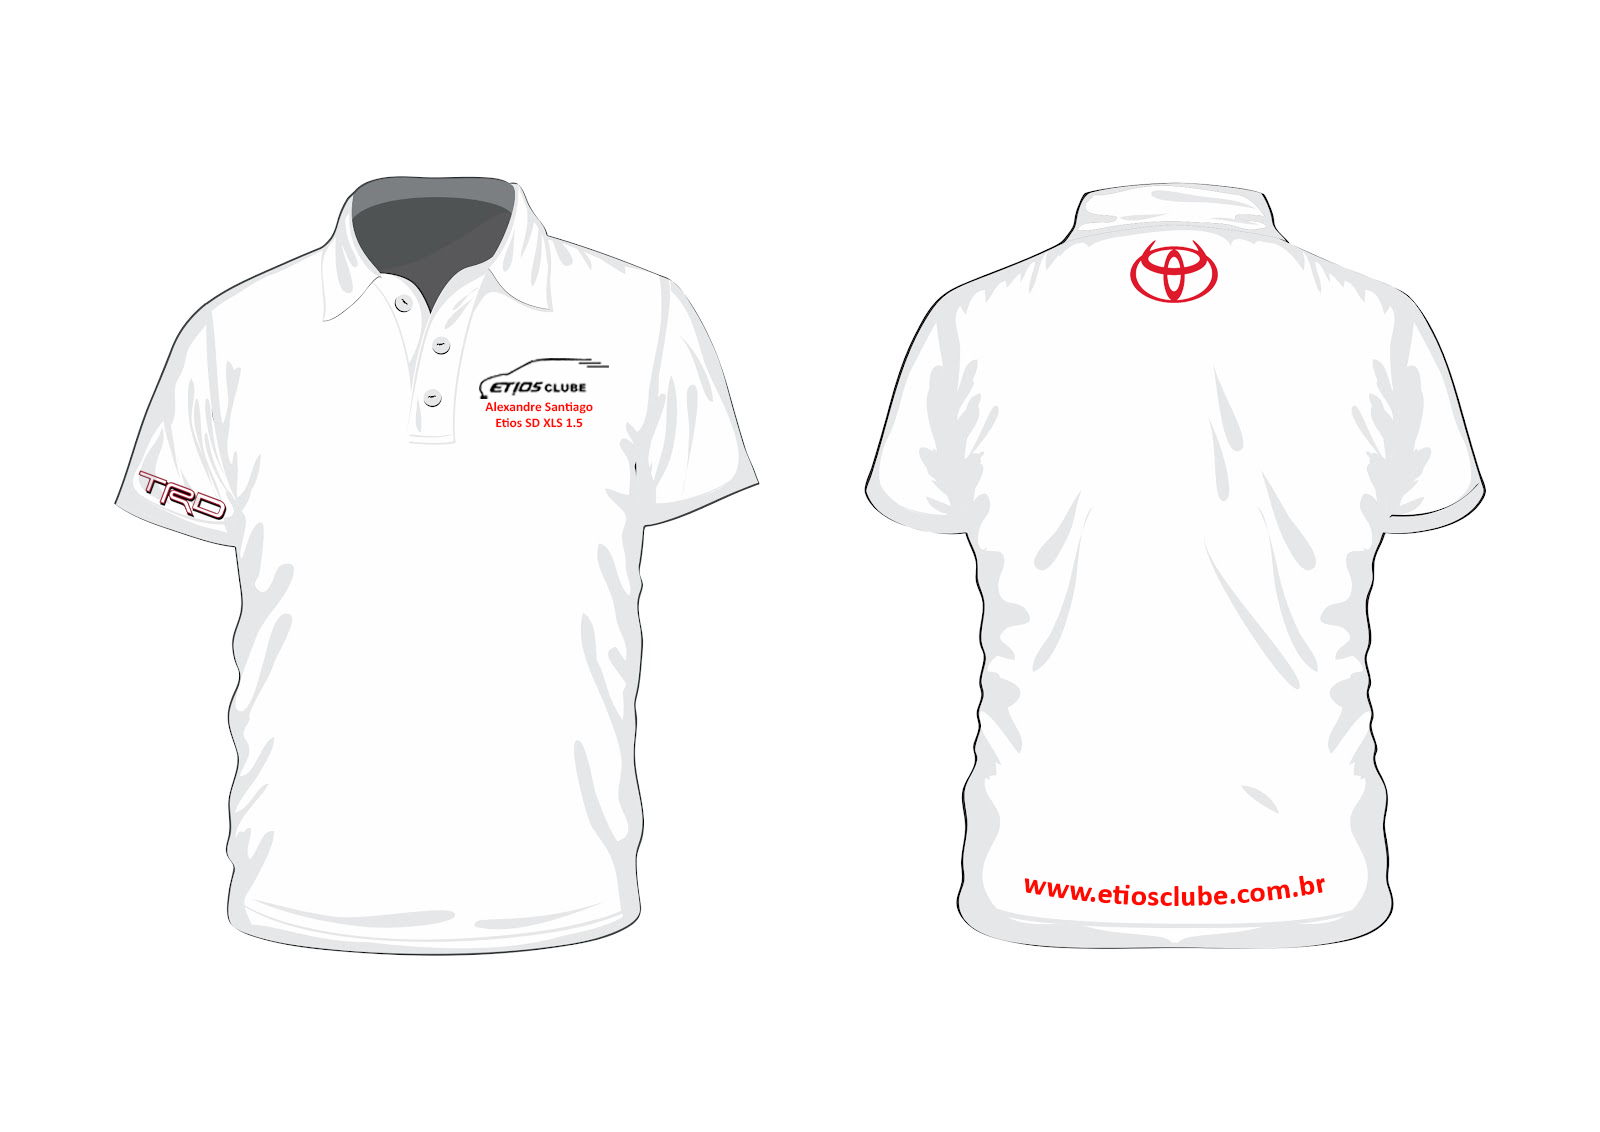 Novo Modelo de Camiseta do Clube 2qn1ov7